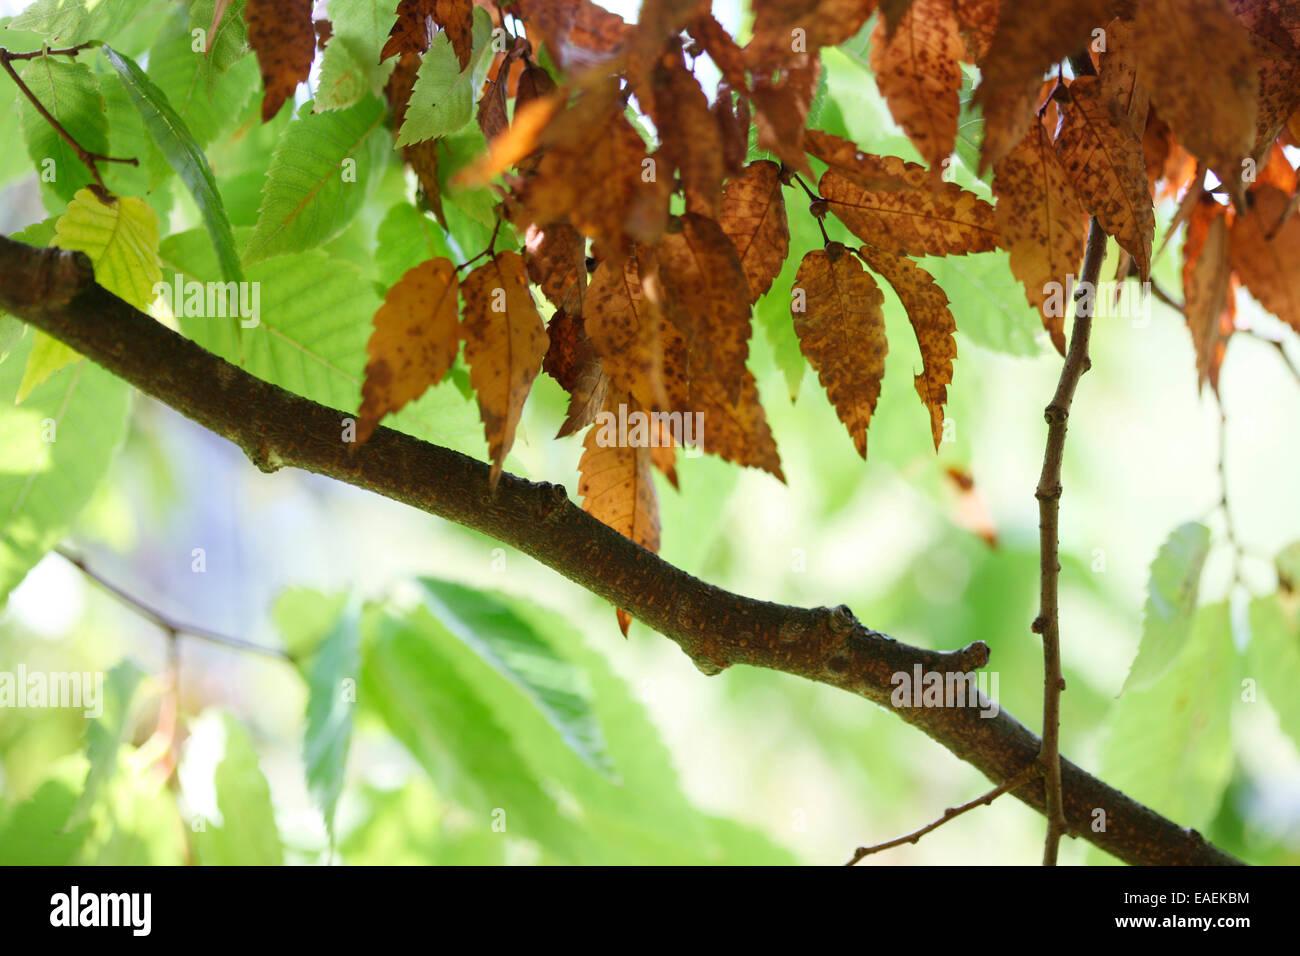 Zelkova Serrata-Keaki changing leaves in Autumn Jane Ann Butler Photography JABP1328 - Stock Image